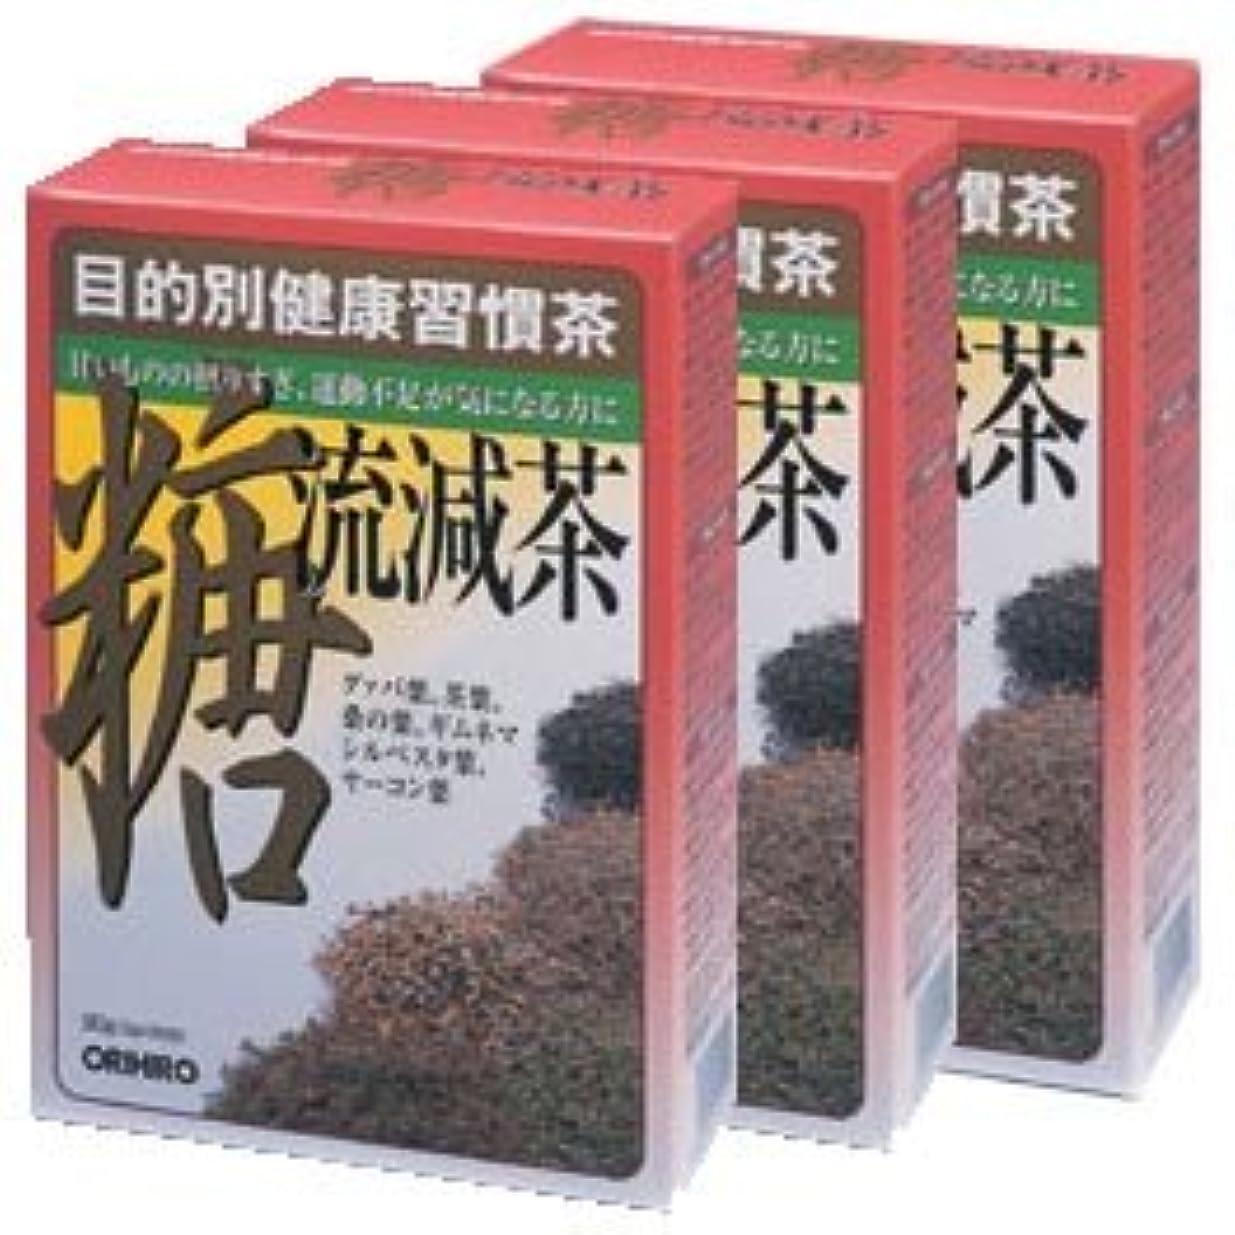 スカリーアスリートバルクオリヒロ 目的別健康習慣茶 糖流減茶30包【3箱セット】